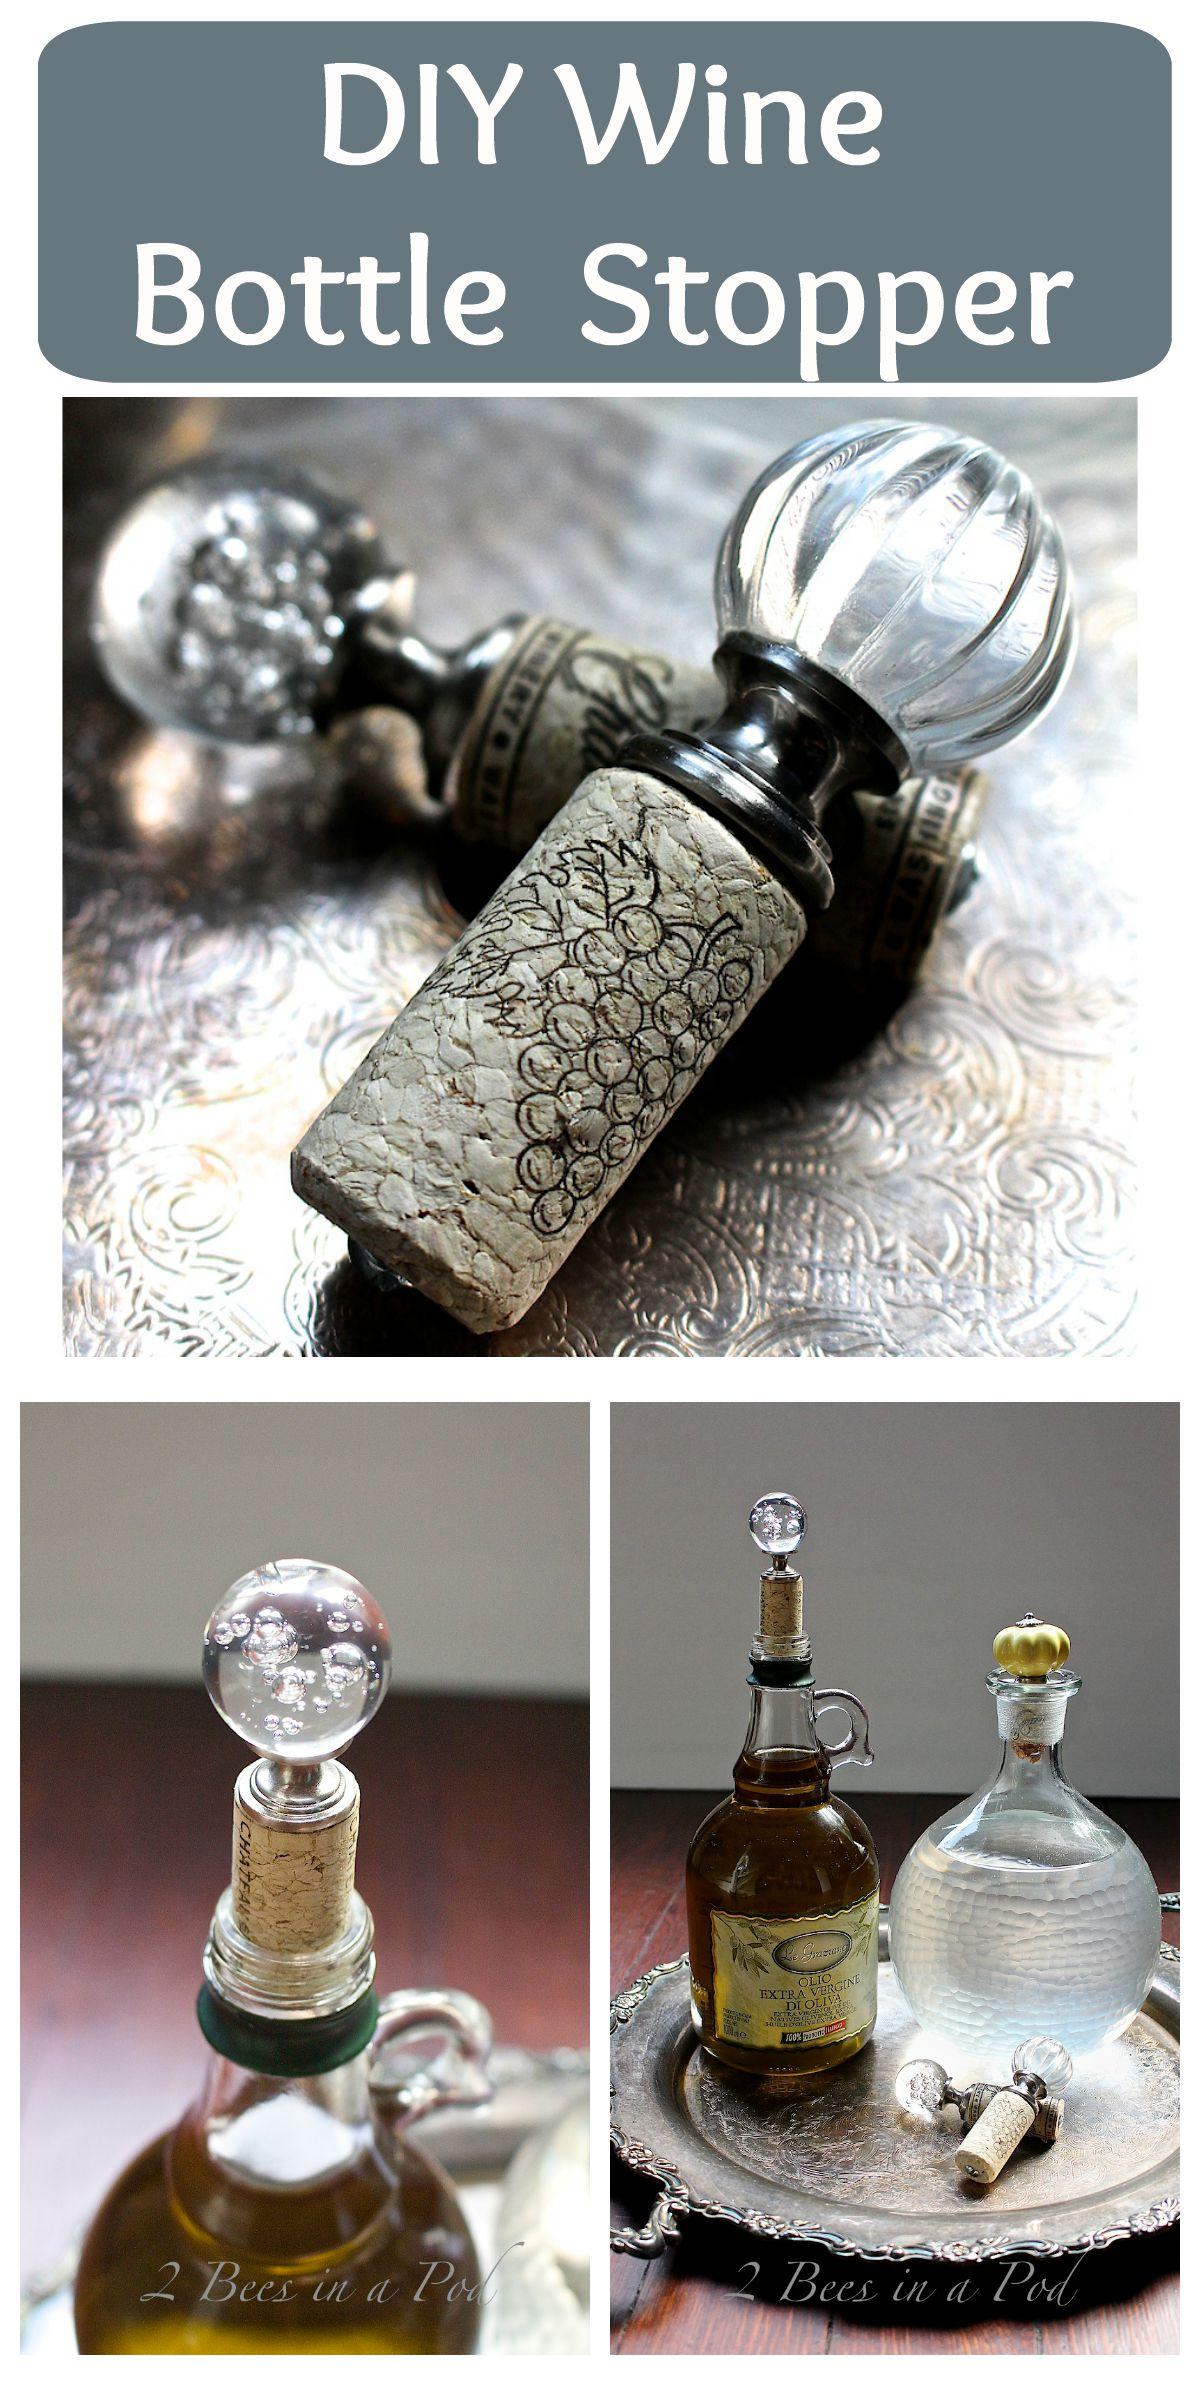 DIY Wine Bottle Stopper - 2 Bees in a Pod